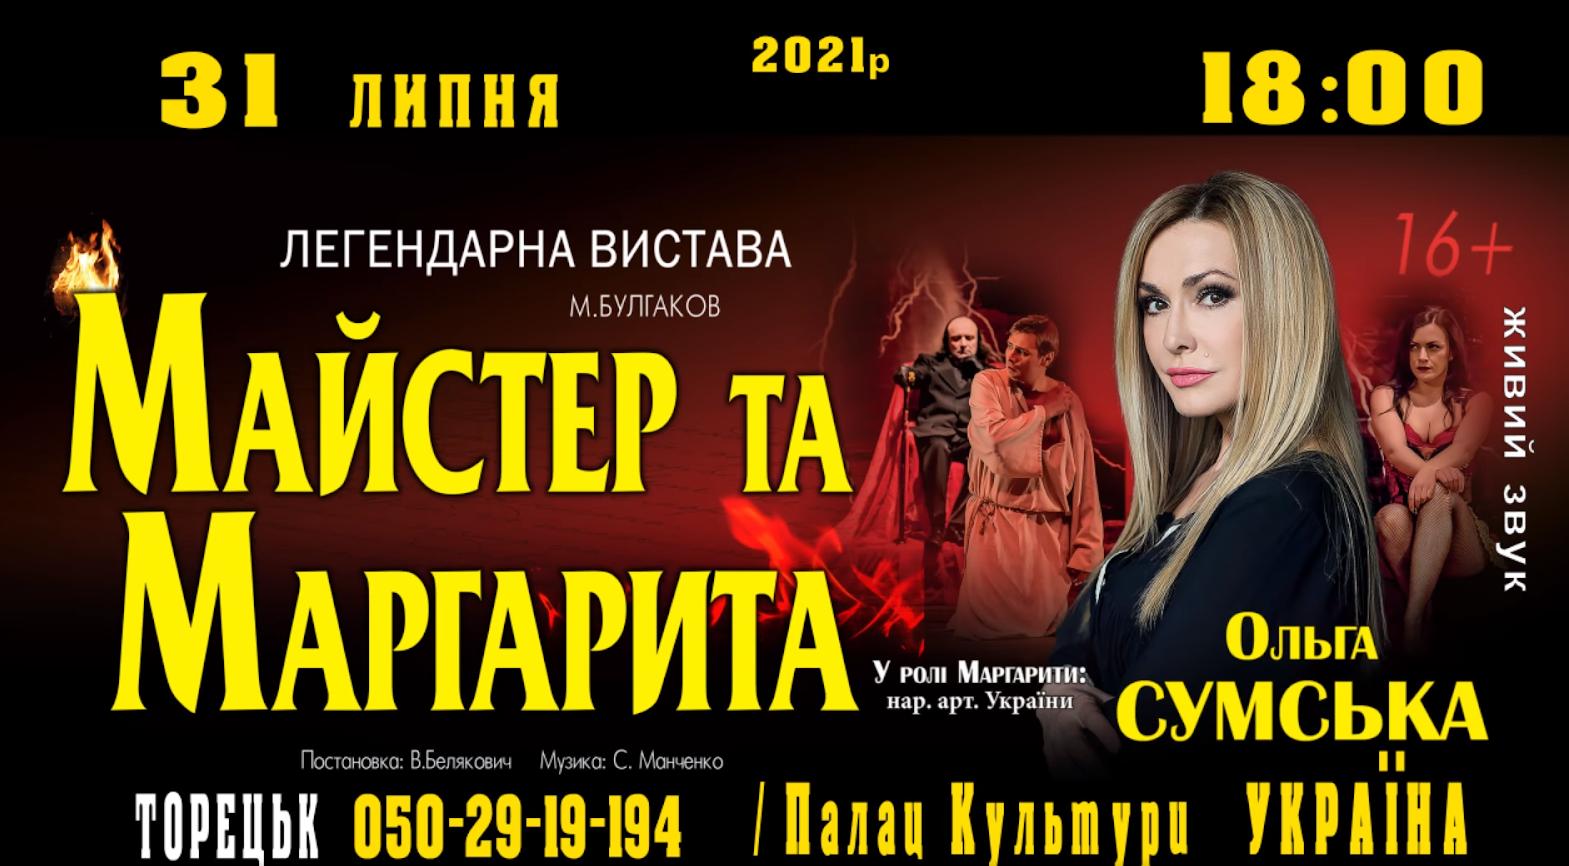 Ольга Сумская в постановке Мастер и Маргарита в Торецке